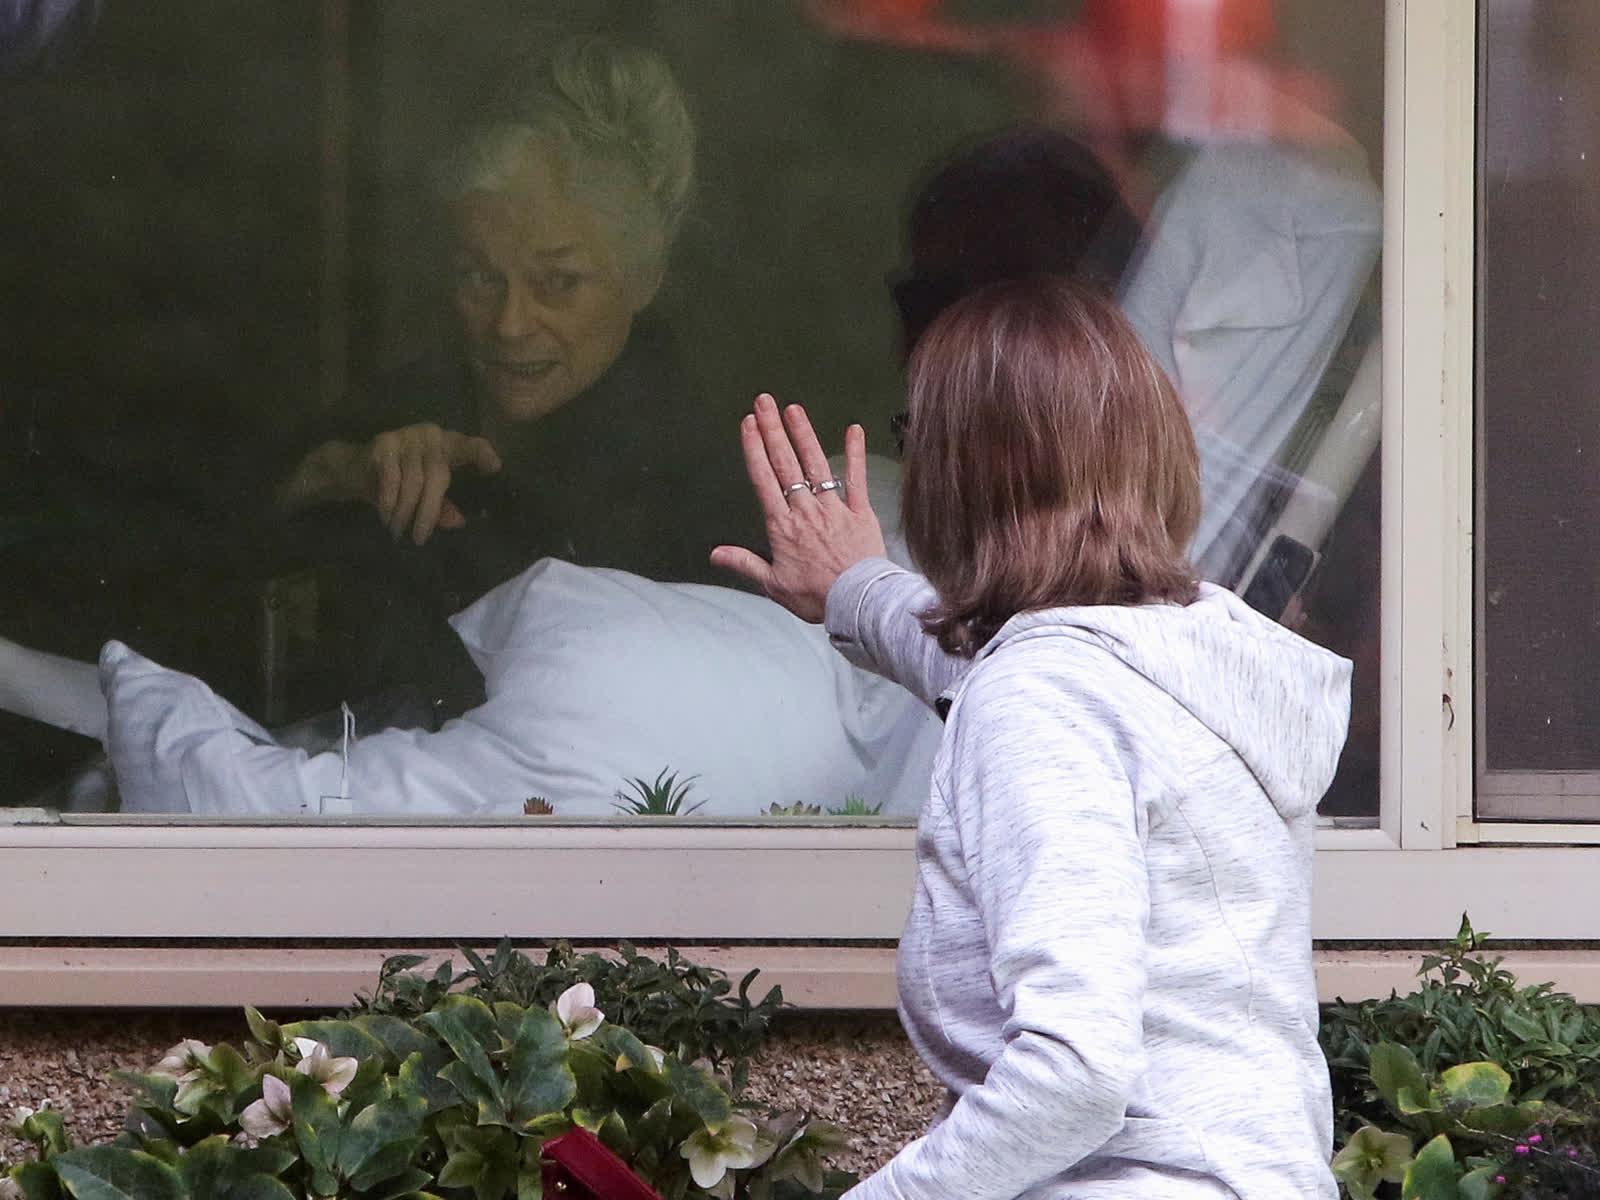 3 дугаар сарын 11: АНУ-ын Вашингтон мужийн Киркландад байрлах асрамжийн газарт Лори Спенсер гэгч эмэгтэй өөрийн ээж 81 настай Жуди Шэйптэй уулзаж байна. Энэ газар АНУ-д гарсан коронавирусний дэгдэлтийн эхний голомт болсон бөгөөд шинжилгээний хариу эерэг гарсан хүмүүсийн дунд Shape багтжээ. Тэрбээр одоо бол эдгэрсэн. /Photo by Jason Redmond/